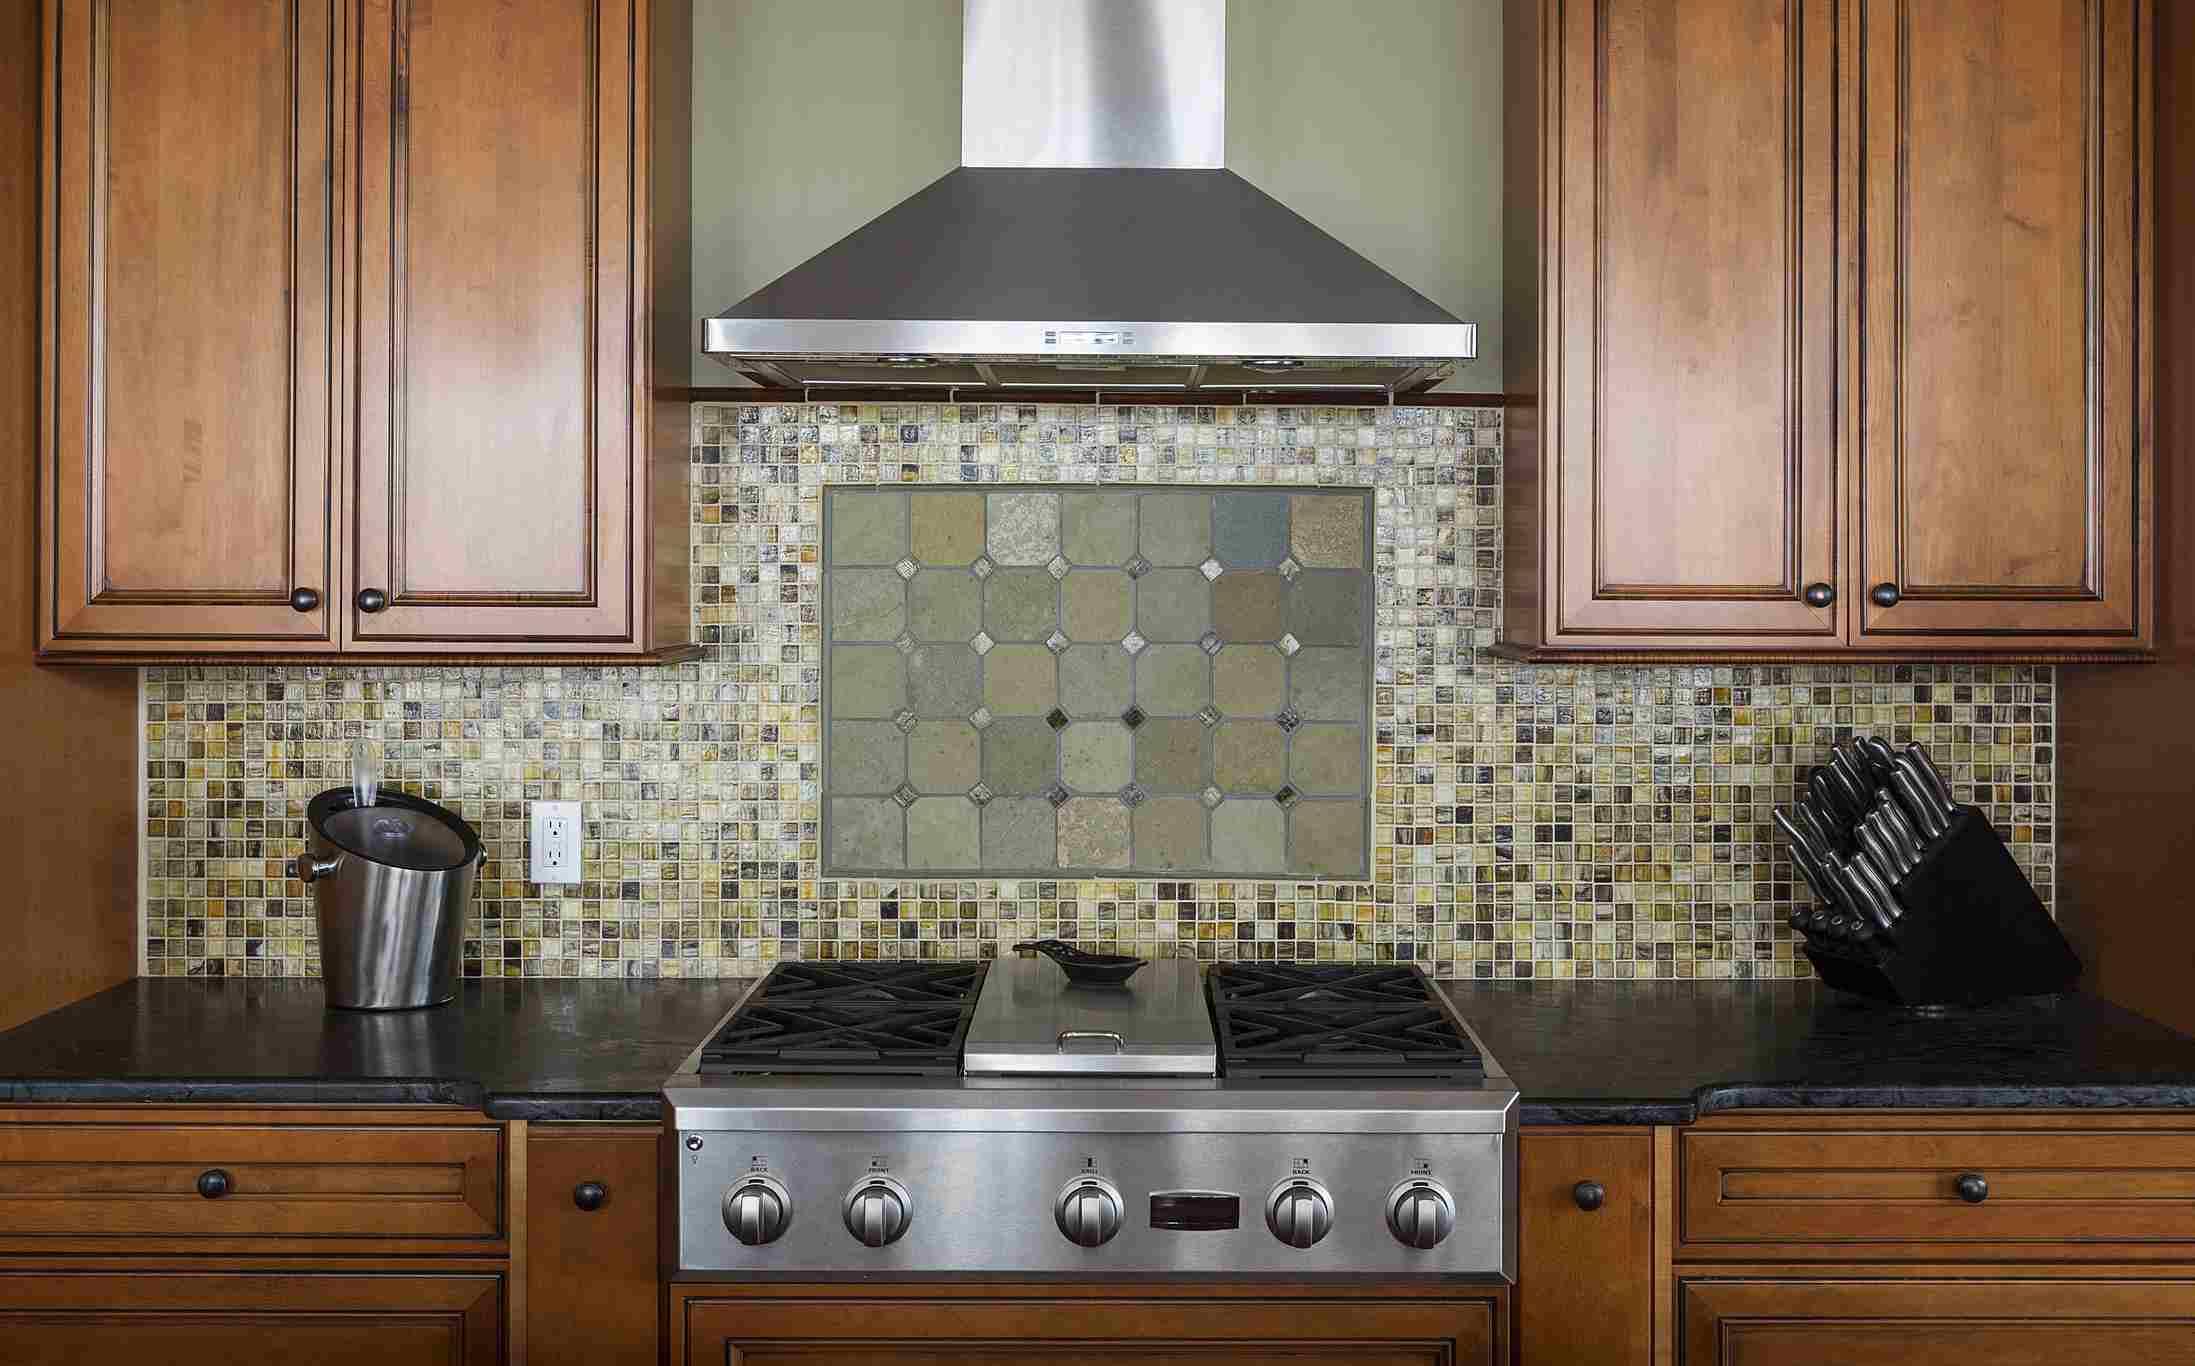 Tile back splash, ventilation hood and stove in kitchen